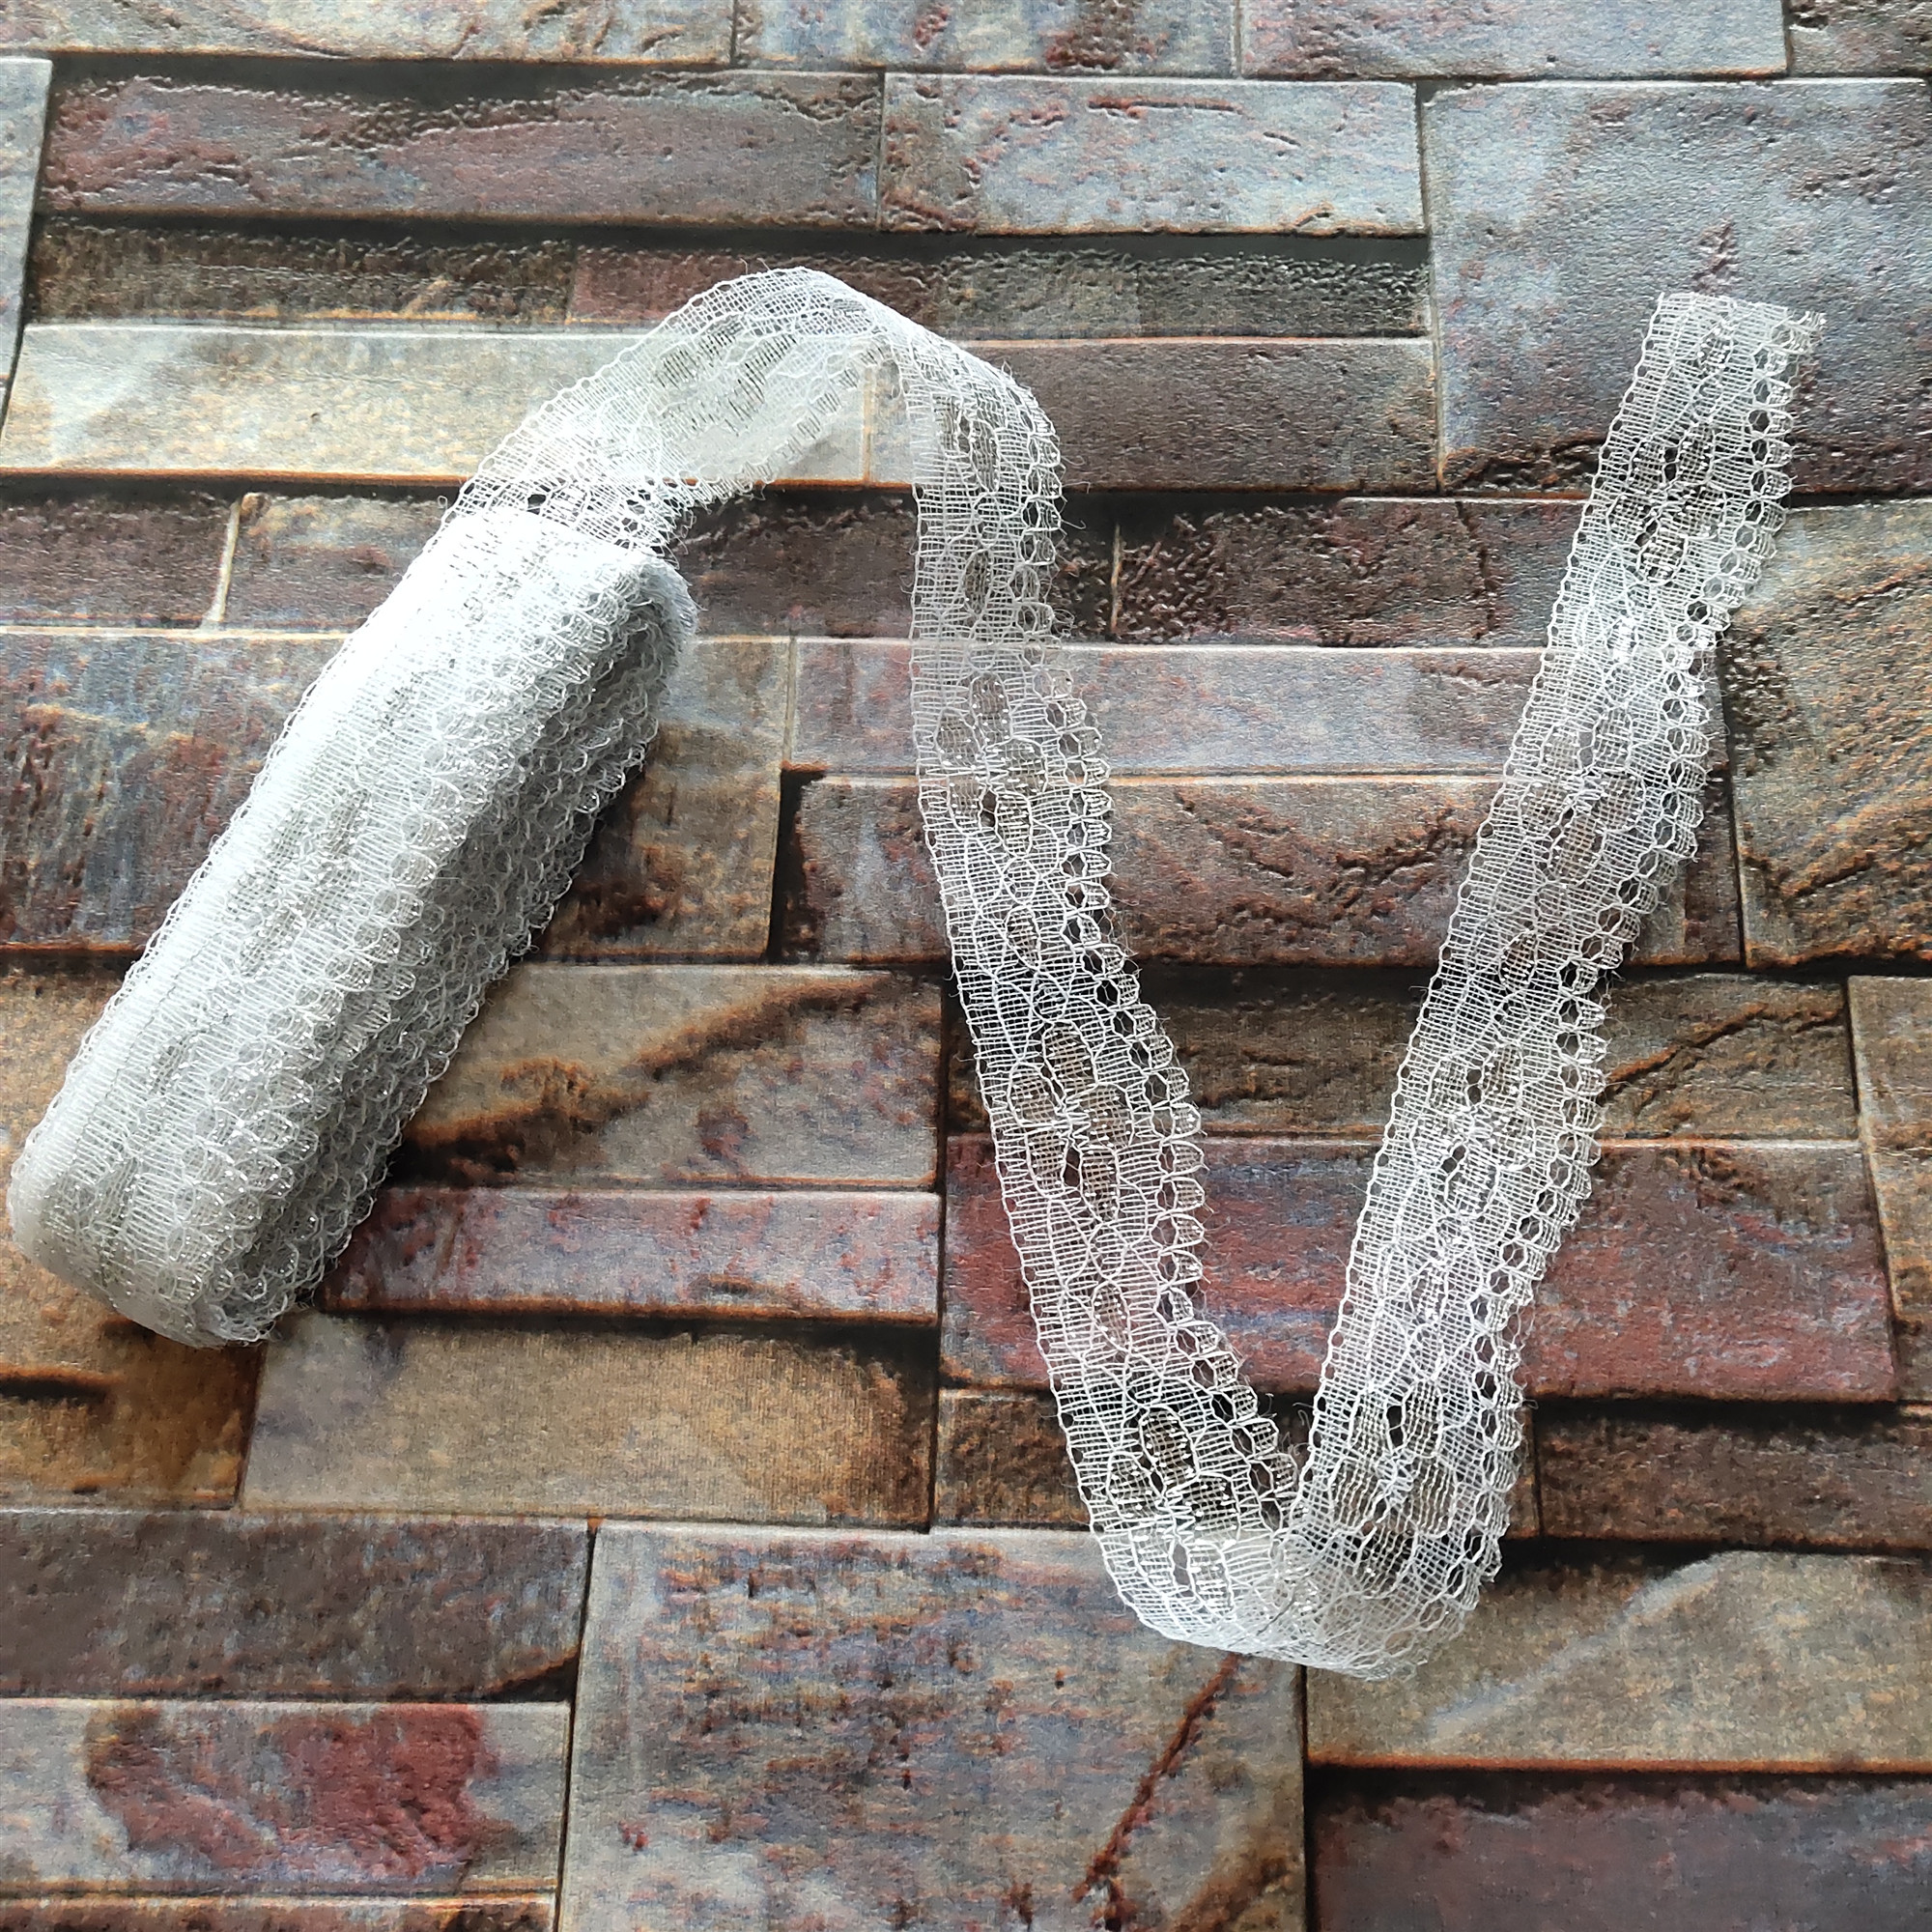 Красивая Белая и серебристая кружевная лента, ширина 25 мм, аксессуары «сделай сам» для одежды, лента для вышивания, 100 ярдов